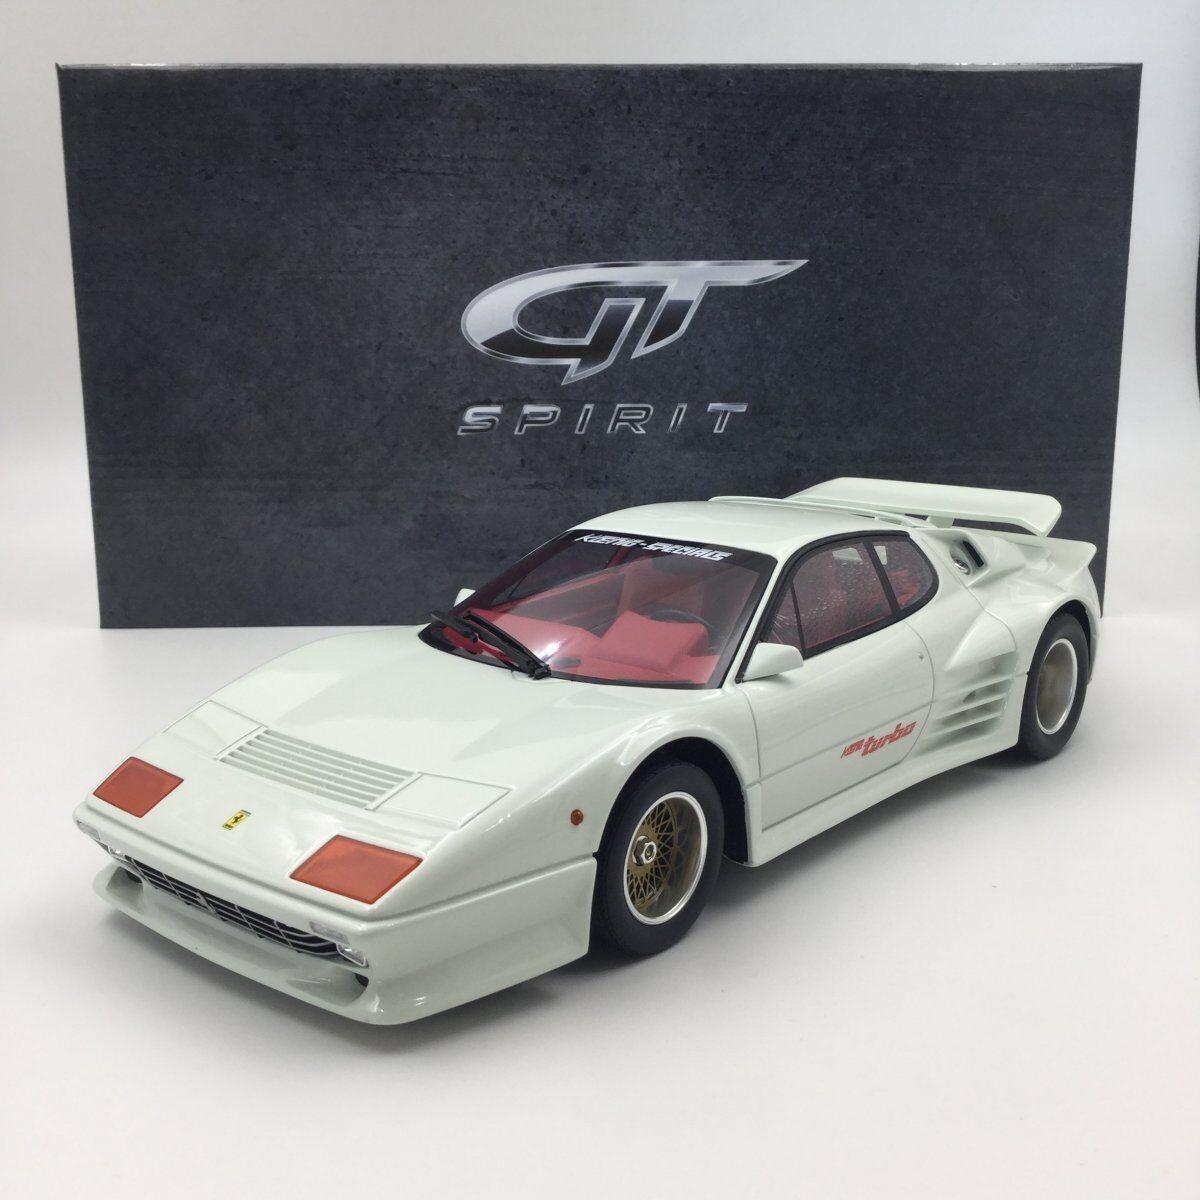 Résine modèle de voiture GT Spirit Koenig 512 BBi Turbo (Blanc) 1 18 + eau